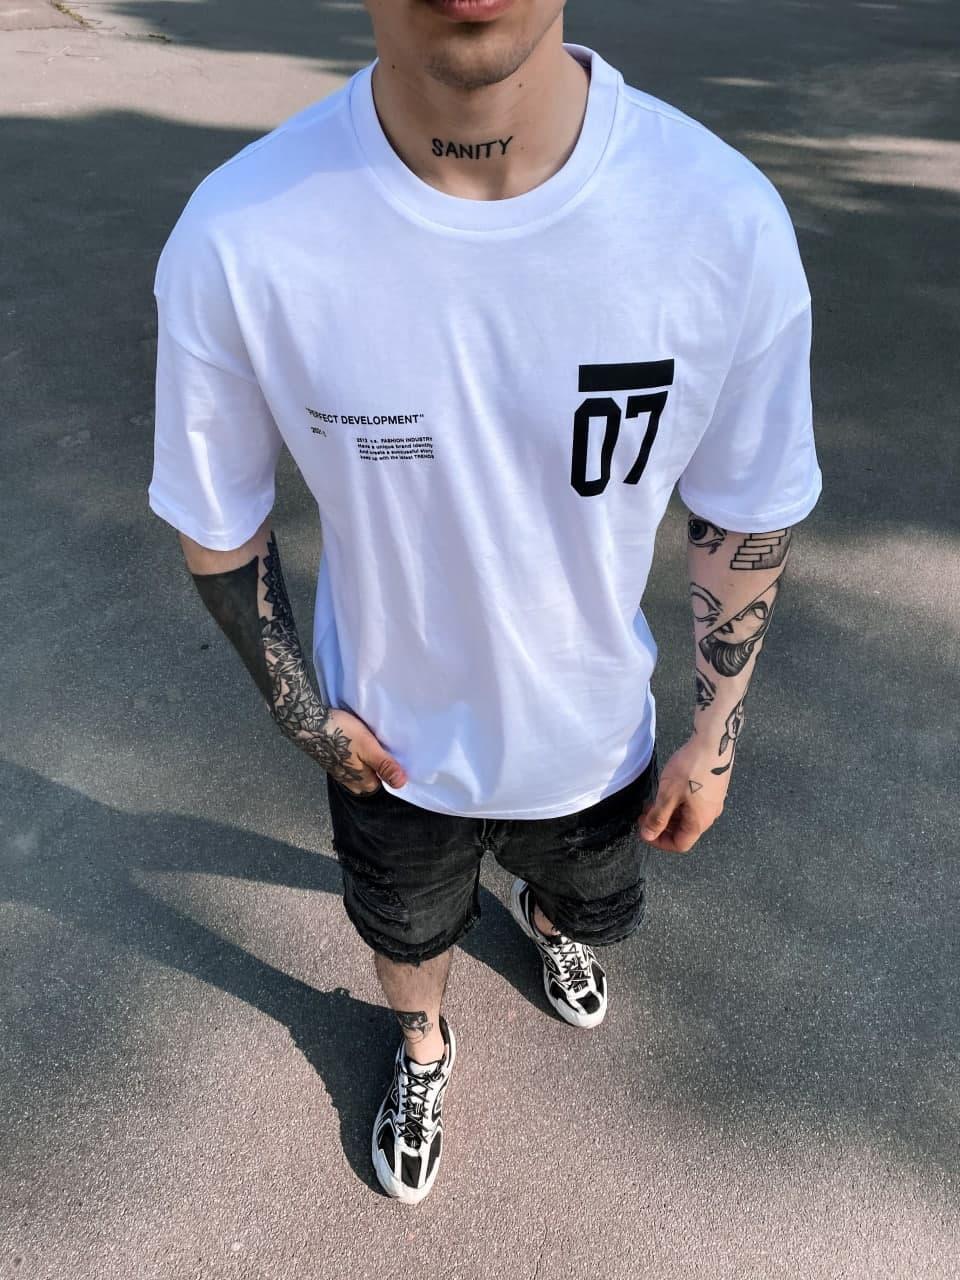 Мужская футболка Perfect Development 07 (белая) Sf201